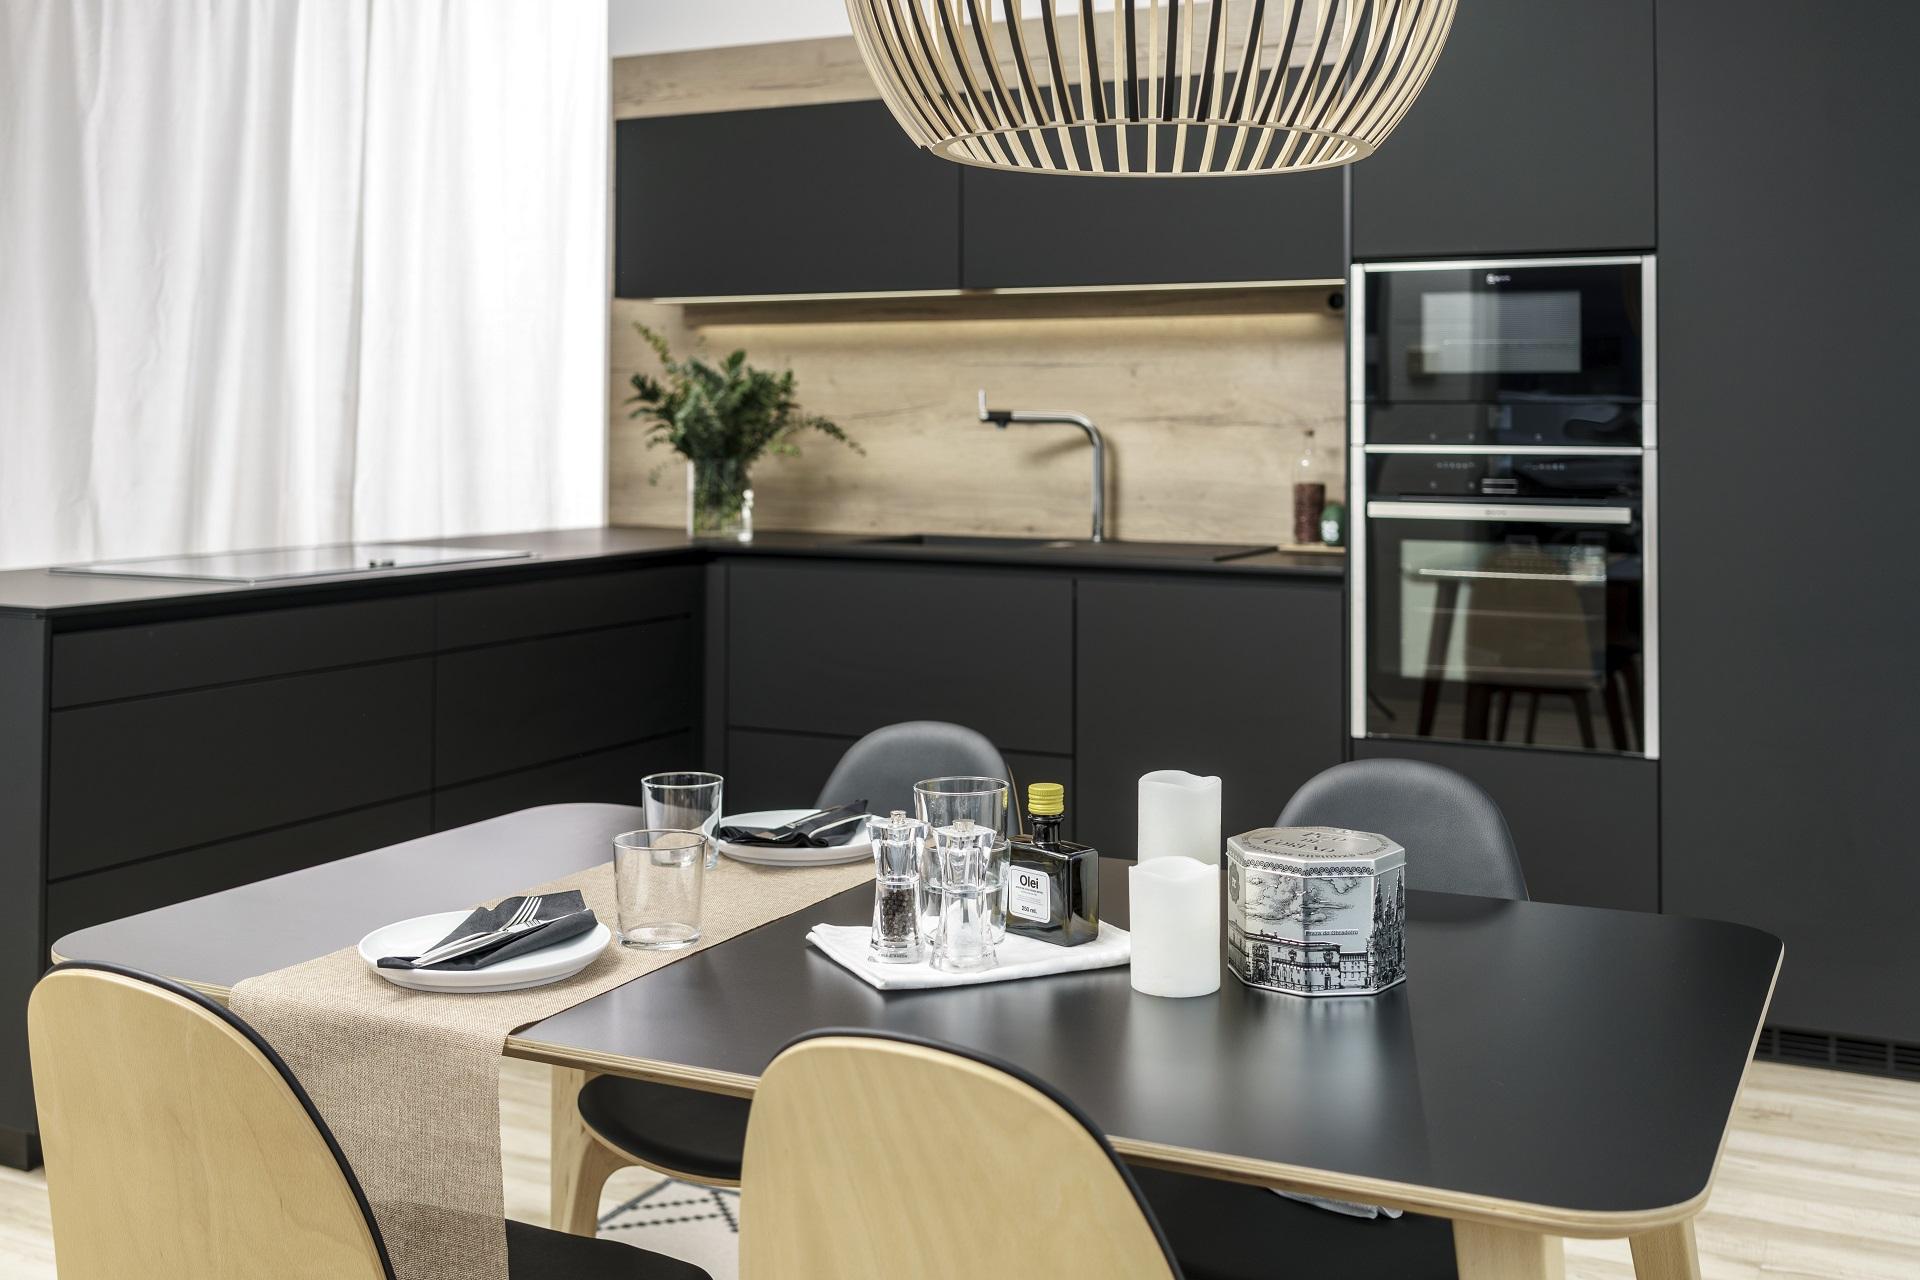 Cocina negra Santiago Interiores